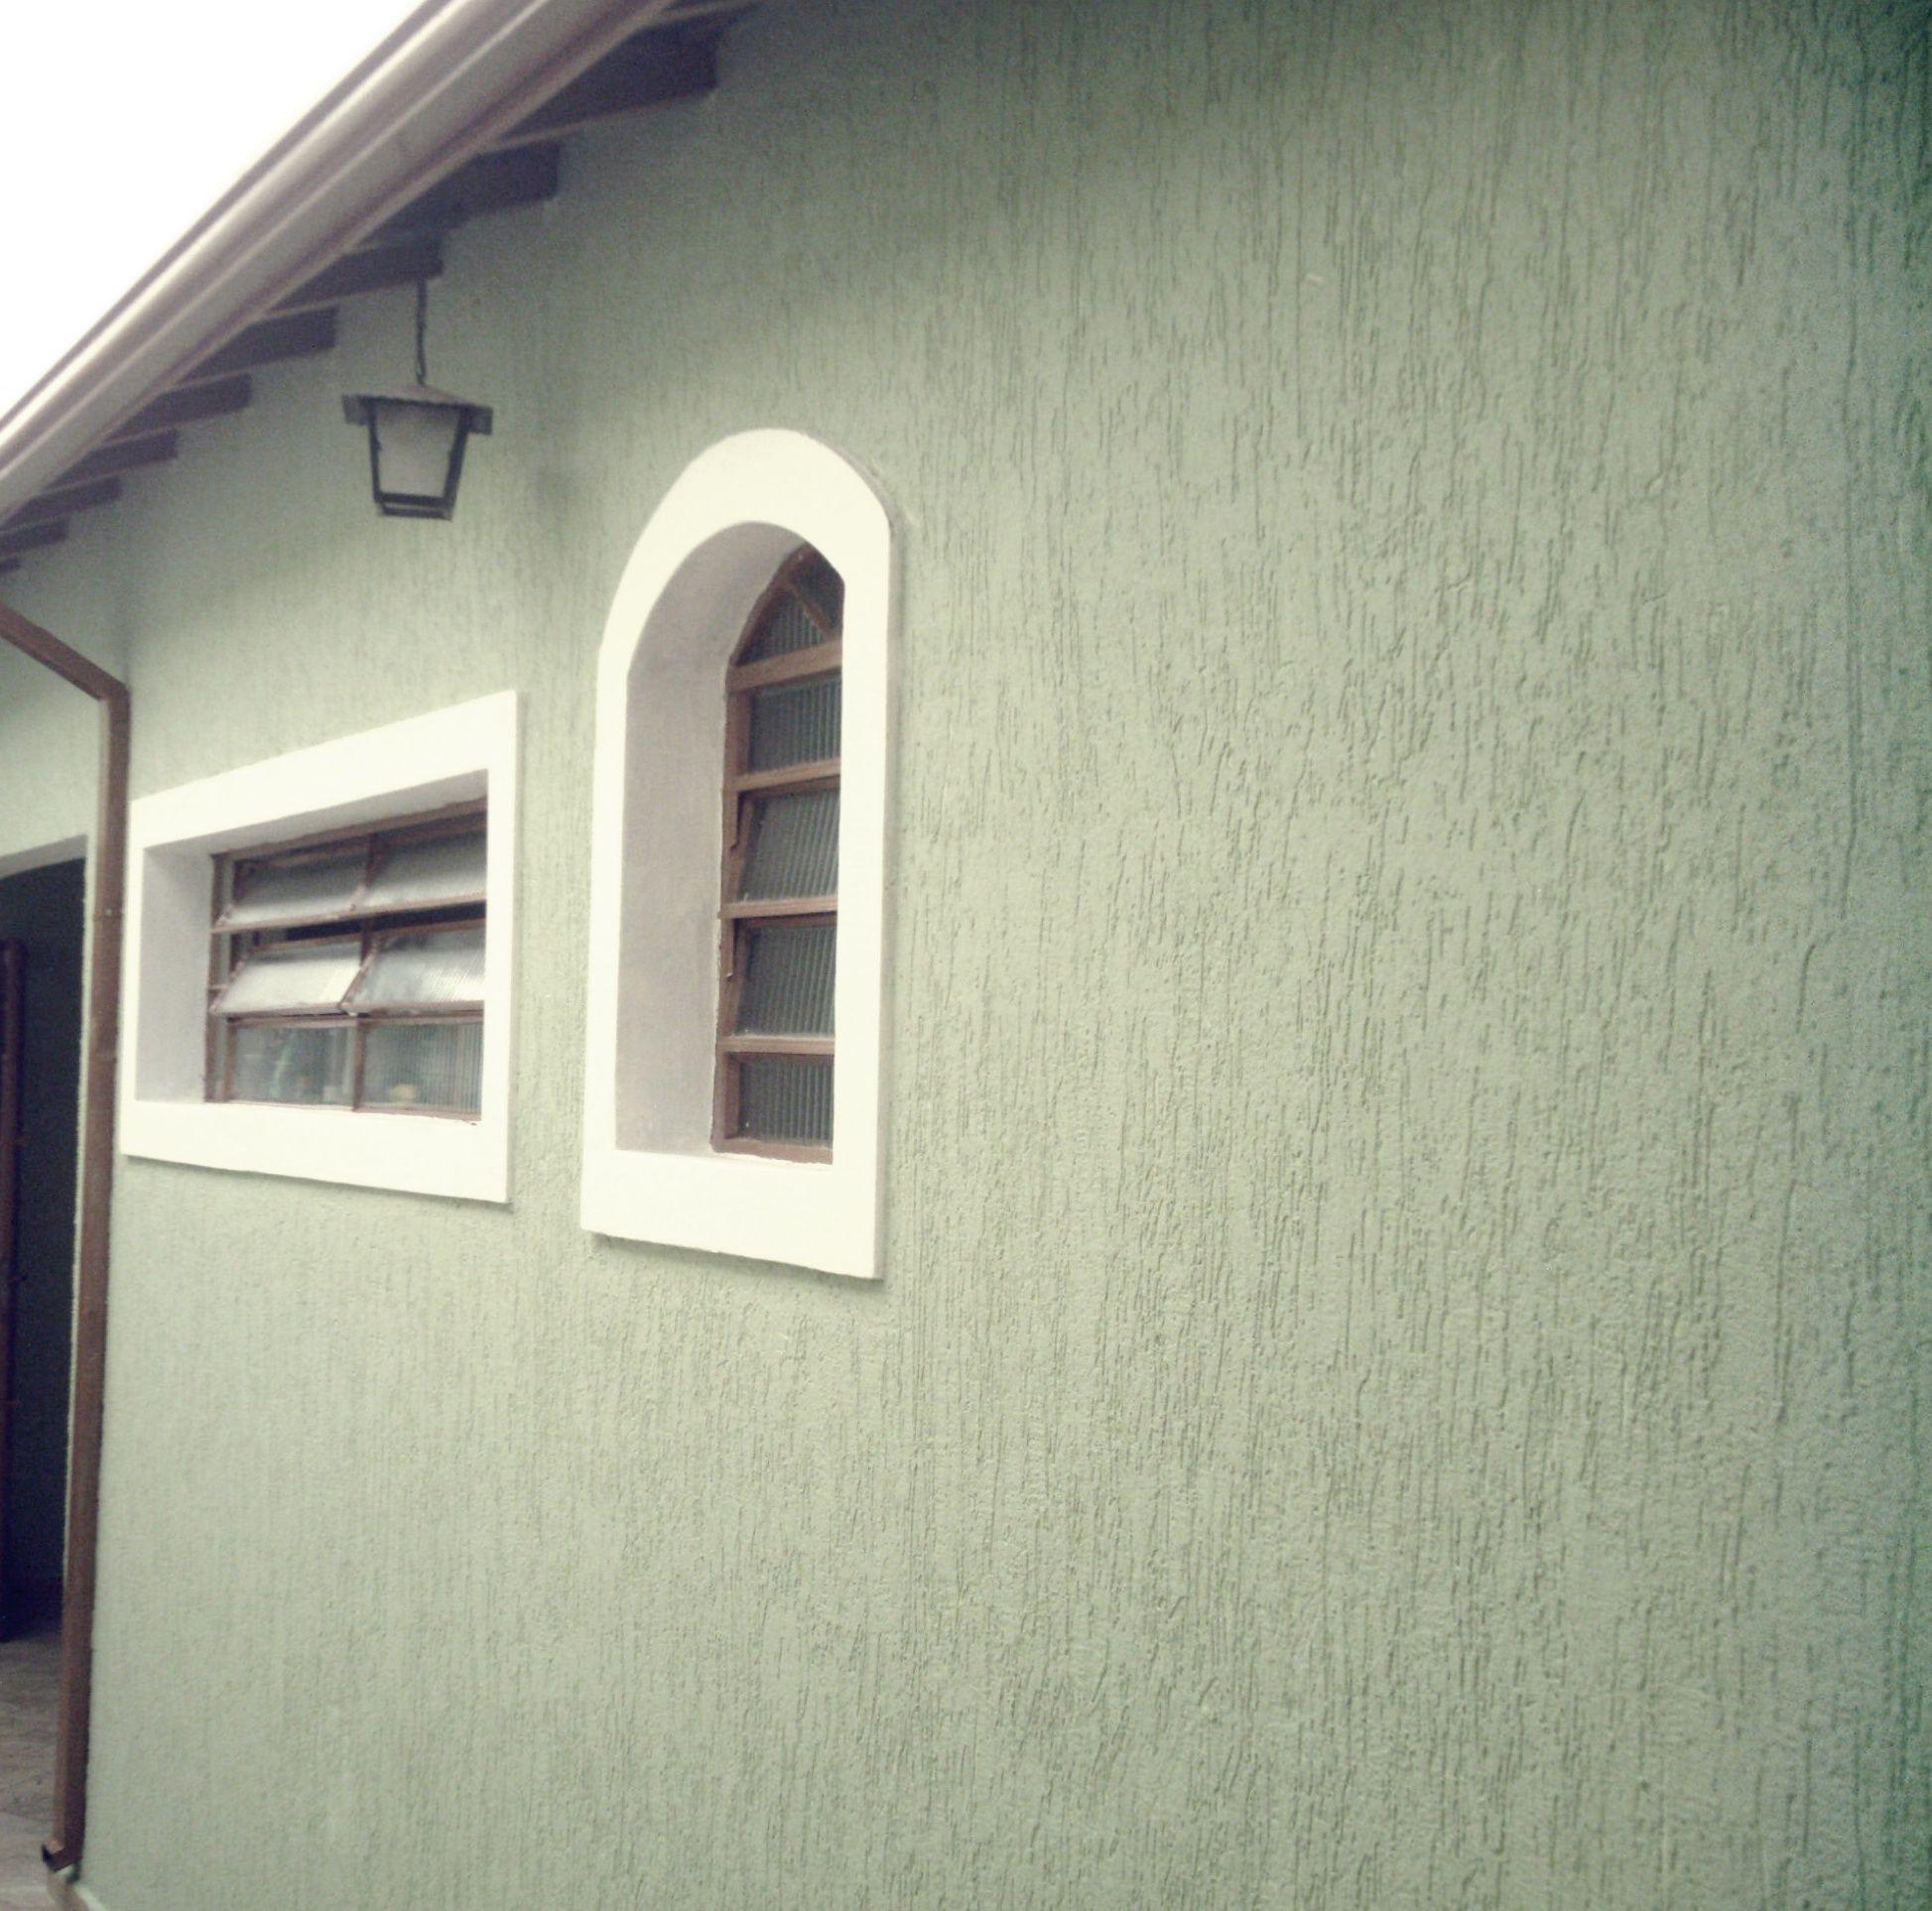 Grafiato Externo Casa Pinterest Grafiato Externos E  -> Fotos De Paredes Com Grafiato